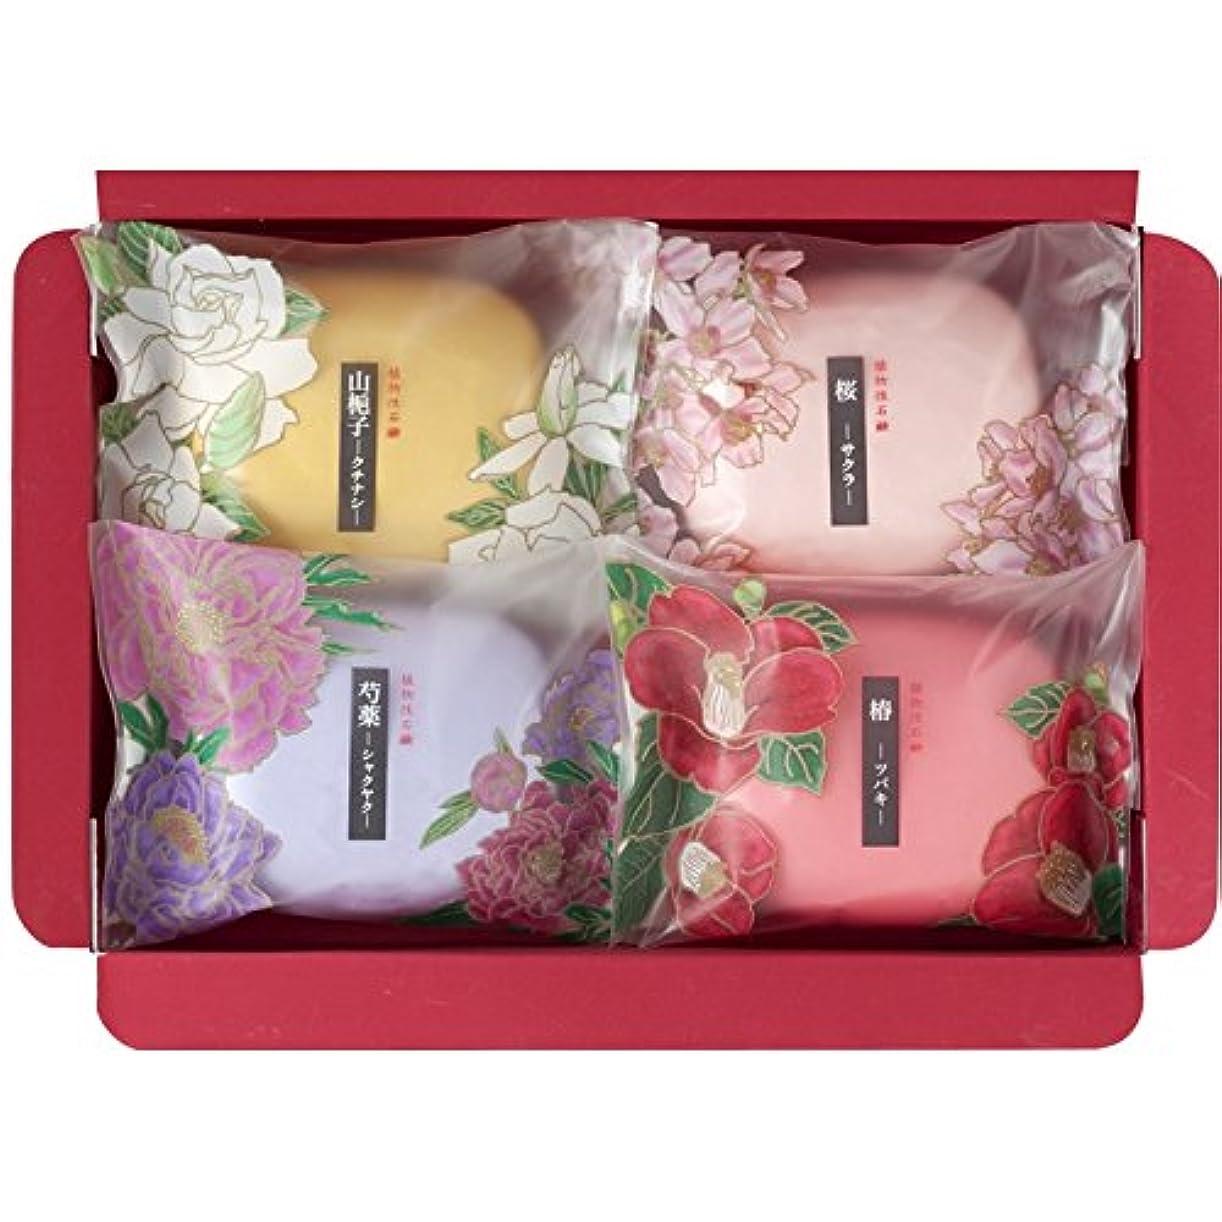 透けるトランペットレーニン主義彩花だより SAK-05 【石けん 石鹸 うるおい いい香り 固形 詰め合わせ セット 良い香り 美容 個包装 肌に優しい 日本製】